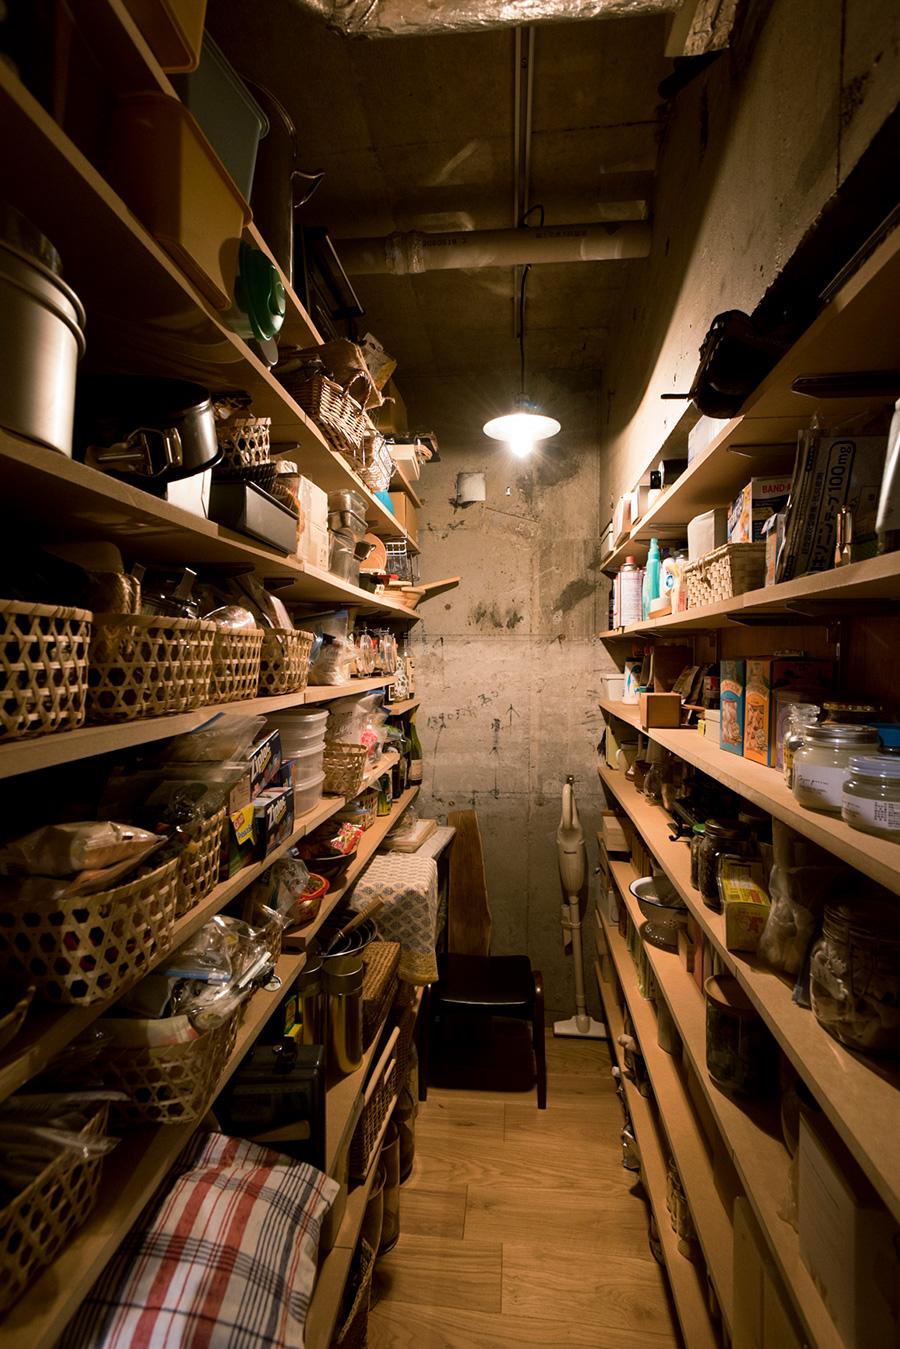 食材や家事に必要なものを一括に収めたパントリー。両側に設けた棚に、バスケットなどを活用してすっきりと収納している。